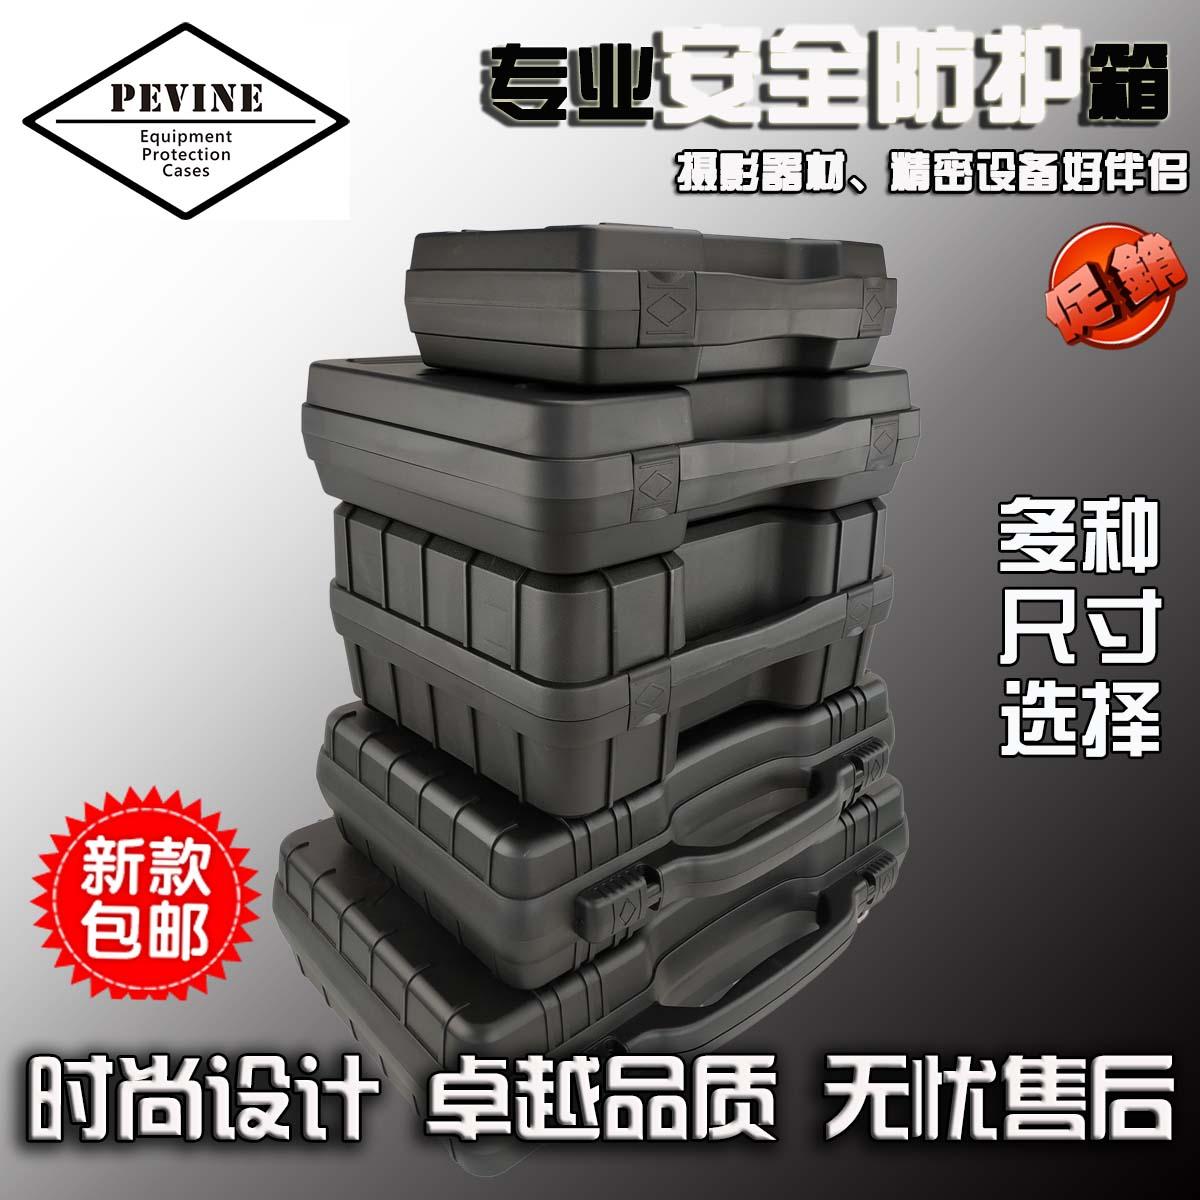 新品便携式手提式车载塑料五金工具箱包装箱仪器箱大号中号小号